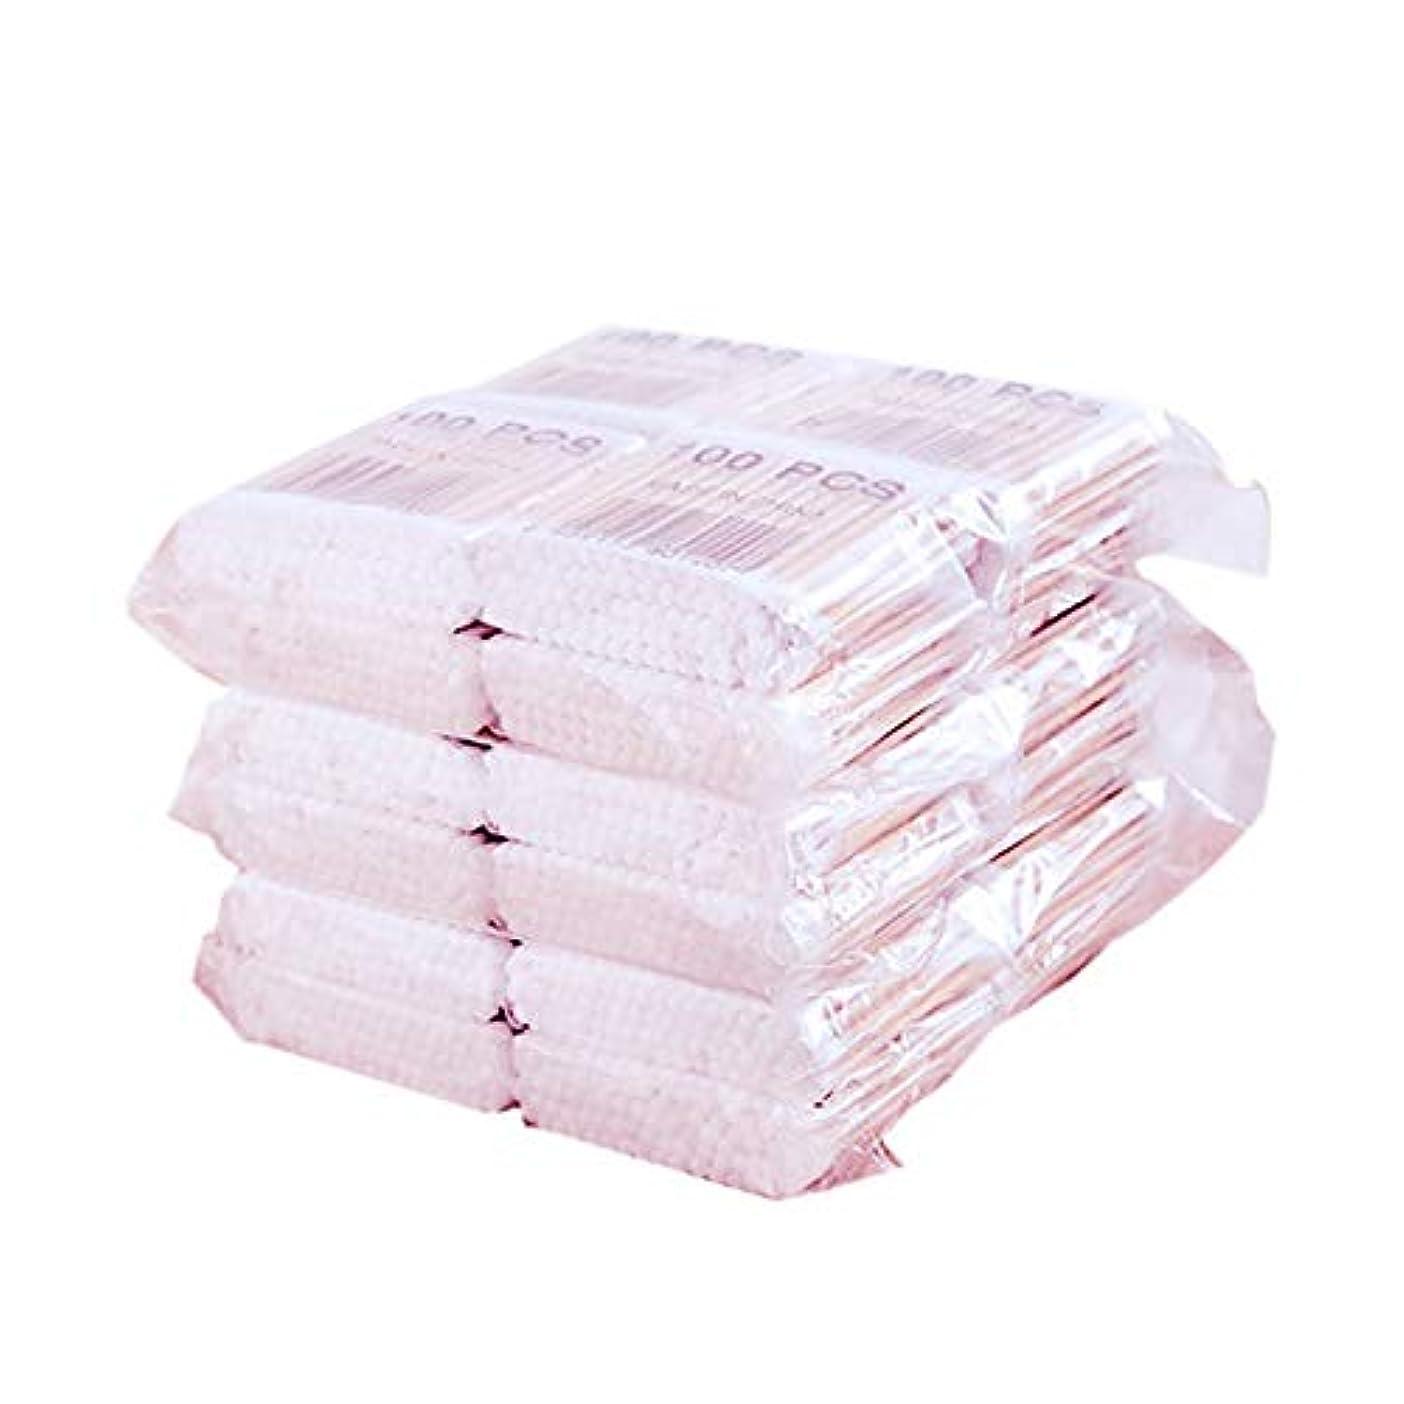 ペレット公説得SODIAL 800個/パック使い捨て綿棒 竹綿つぼみ綿棒メディカルイヤークリーニングウッドスティック 化粧健康ツール タンポン